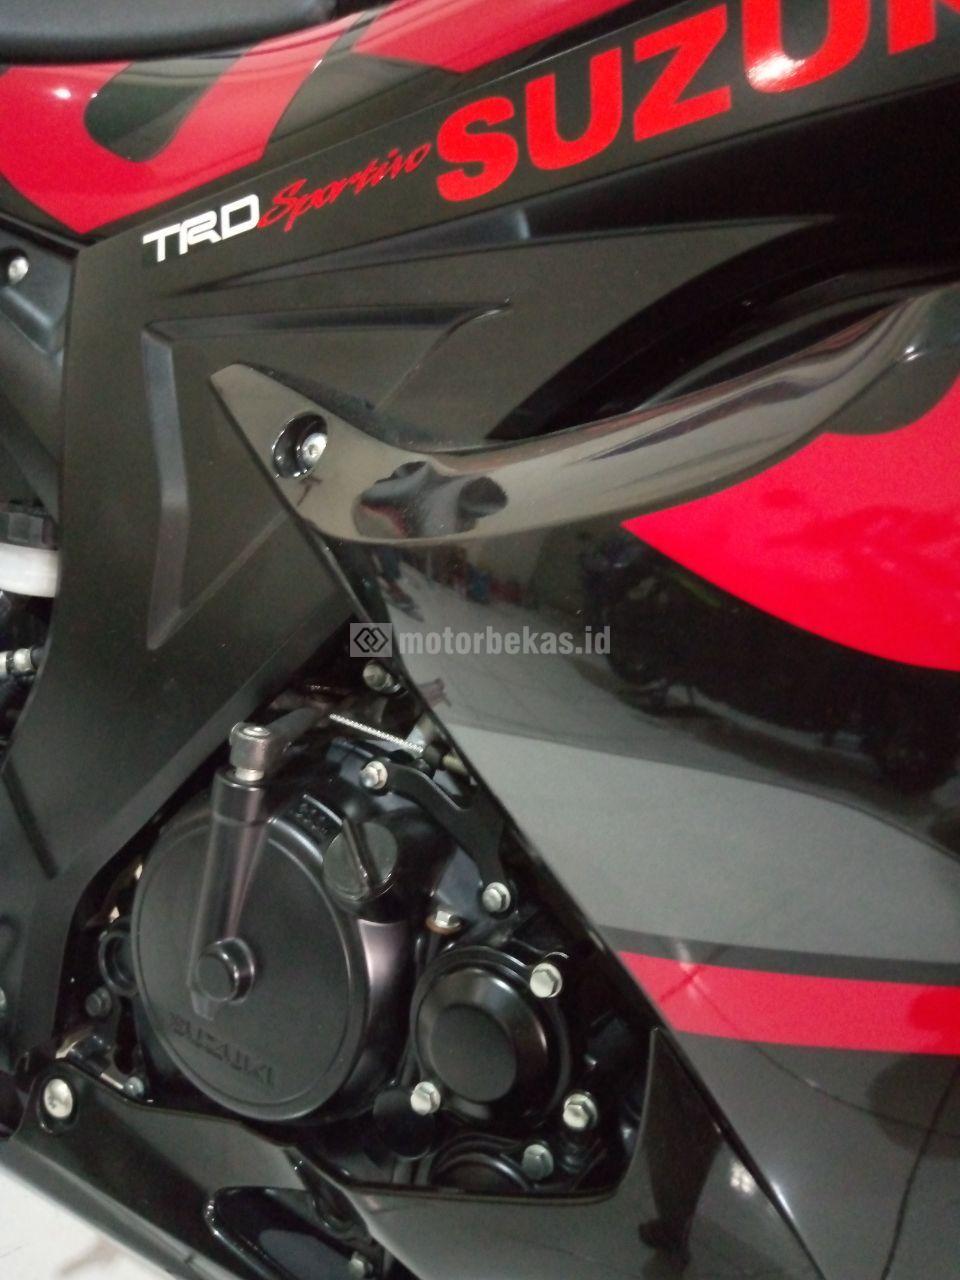 SUZUKI GSX 150R  2757 motorbekas.id